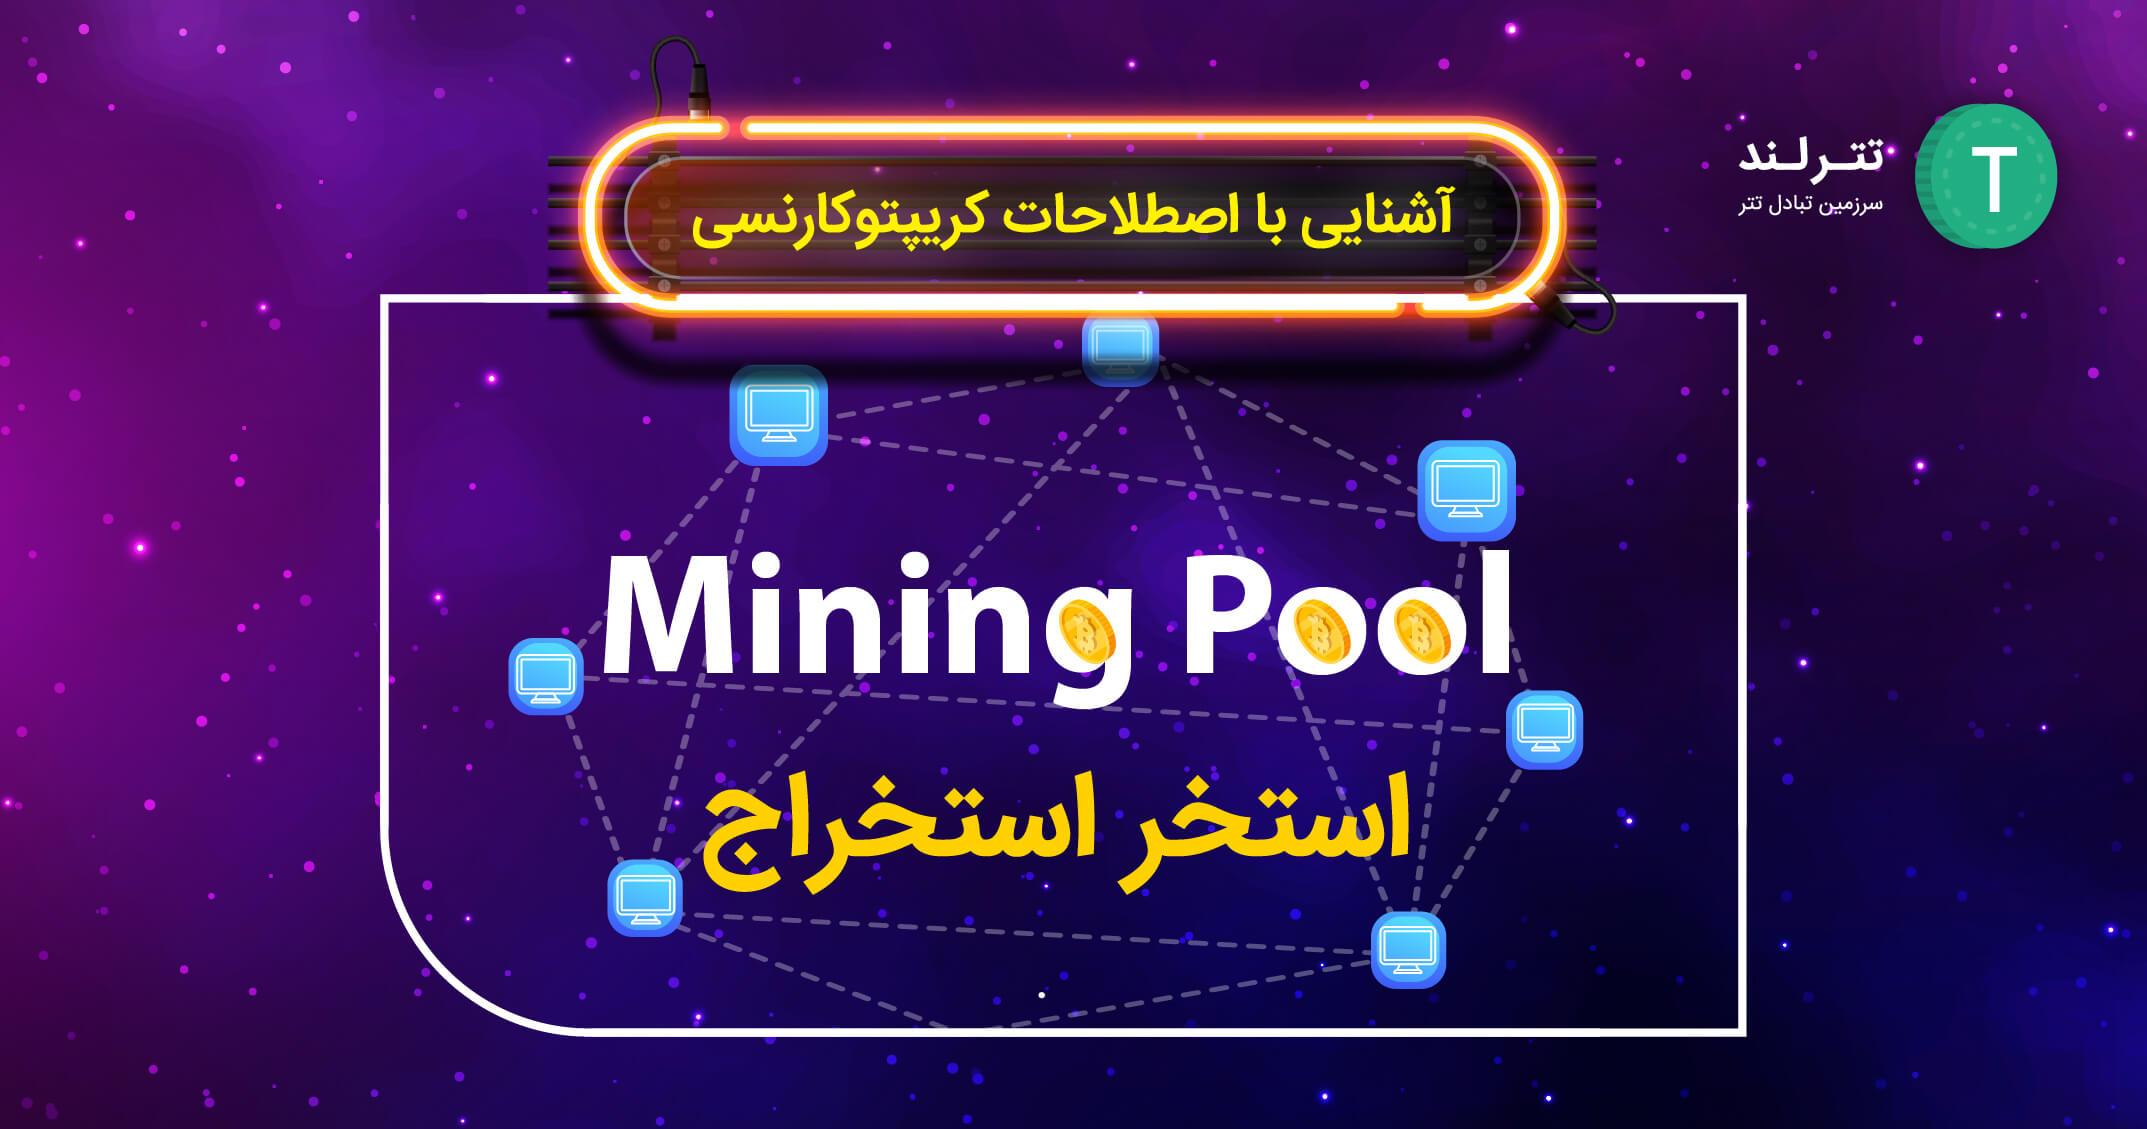 استخر استخراج (Mining Pool)